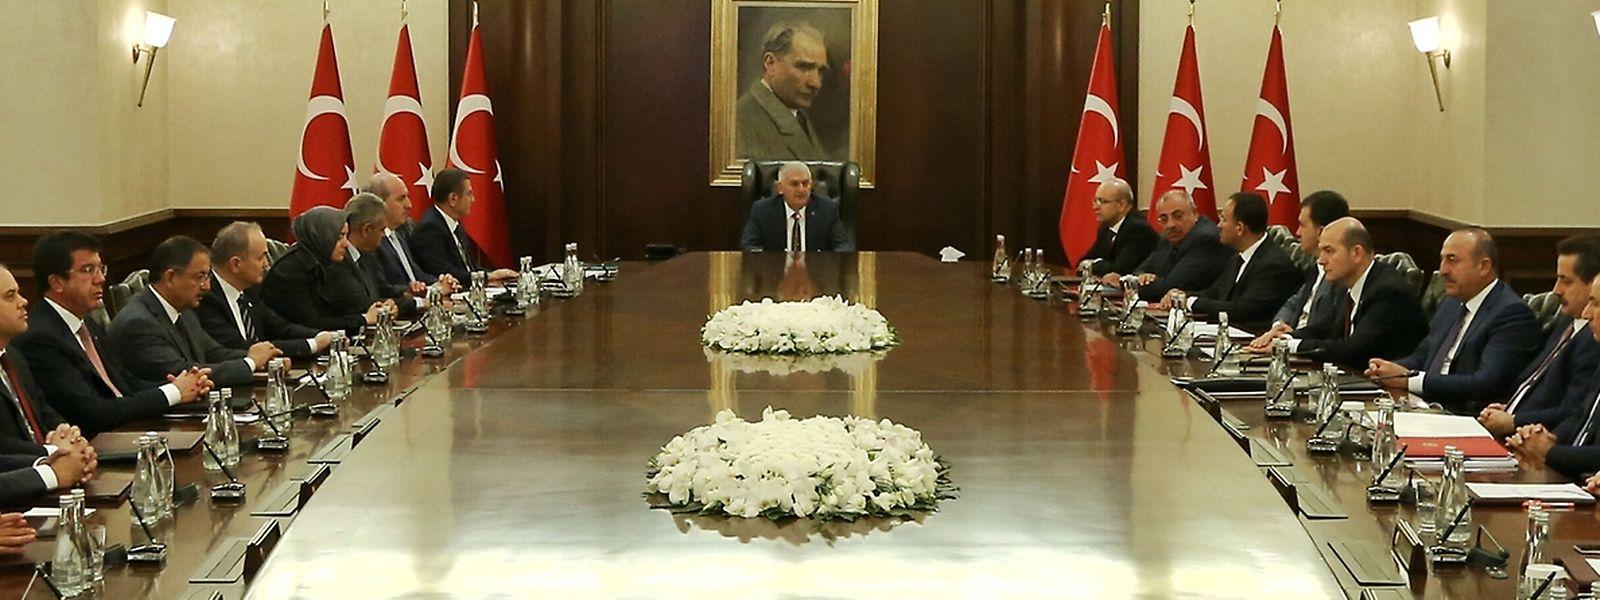 Das Kabinett des türkischen Premiers Binali Yildirim tagt in Ankara.